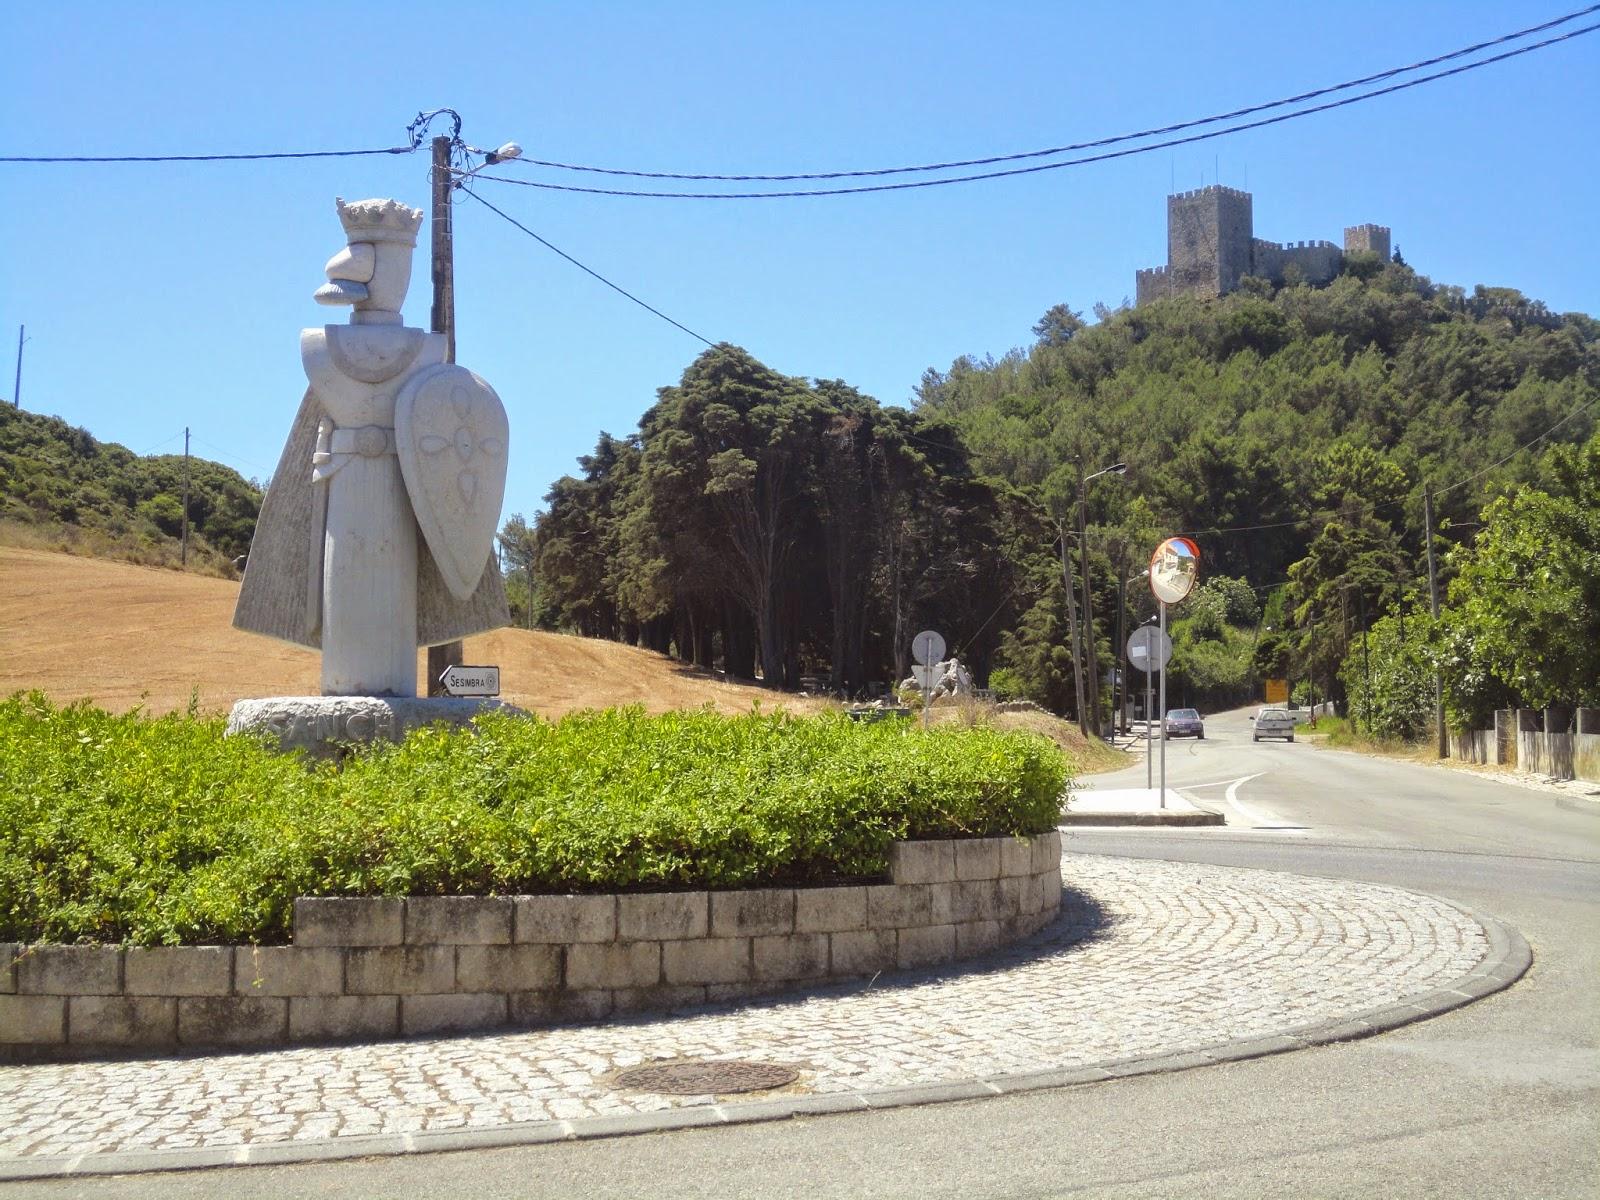 I dintorni di Lisbona: cosa vedere nella Penisola di Setubal